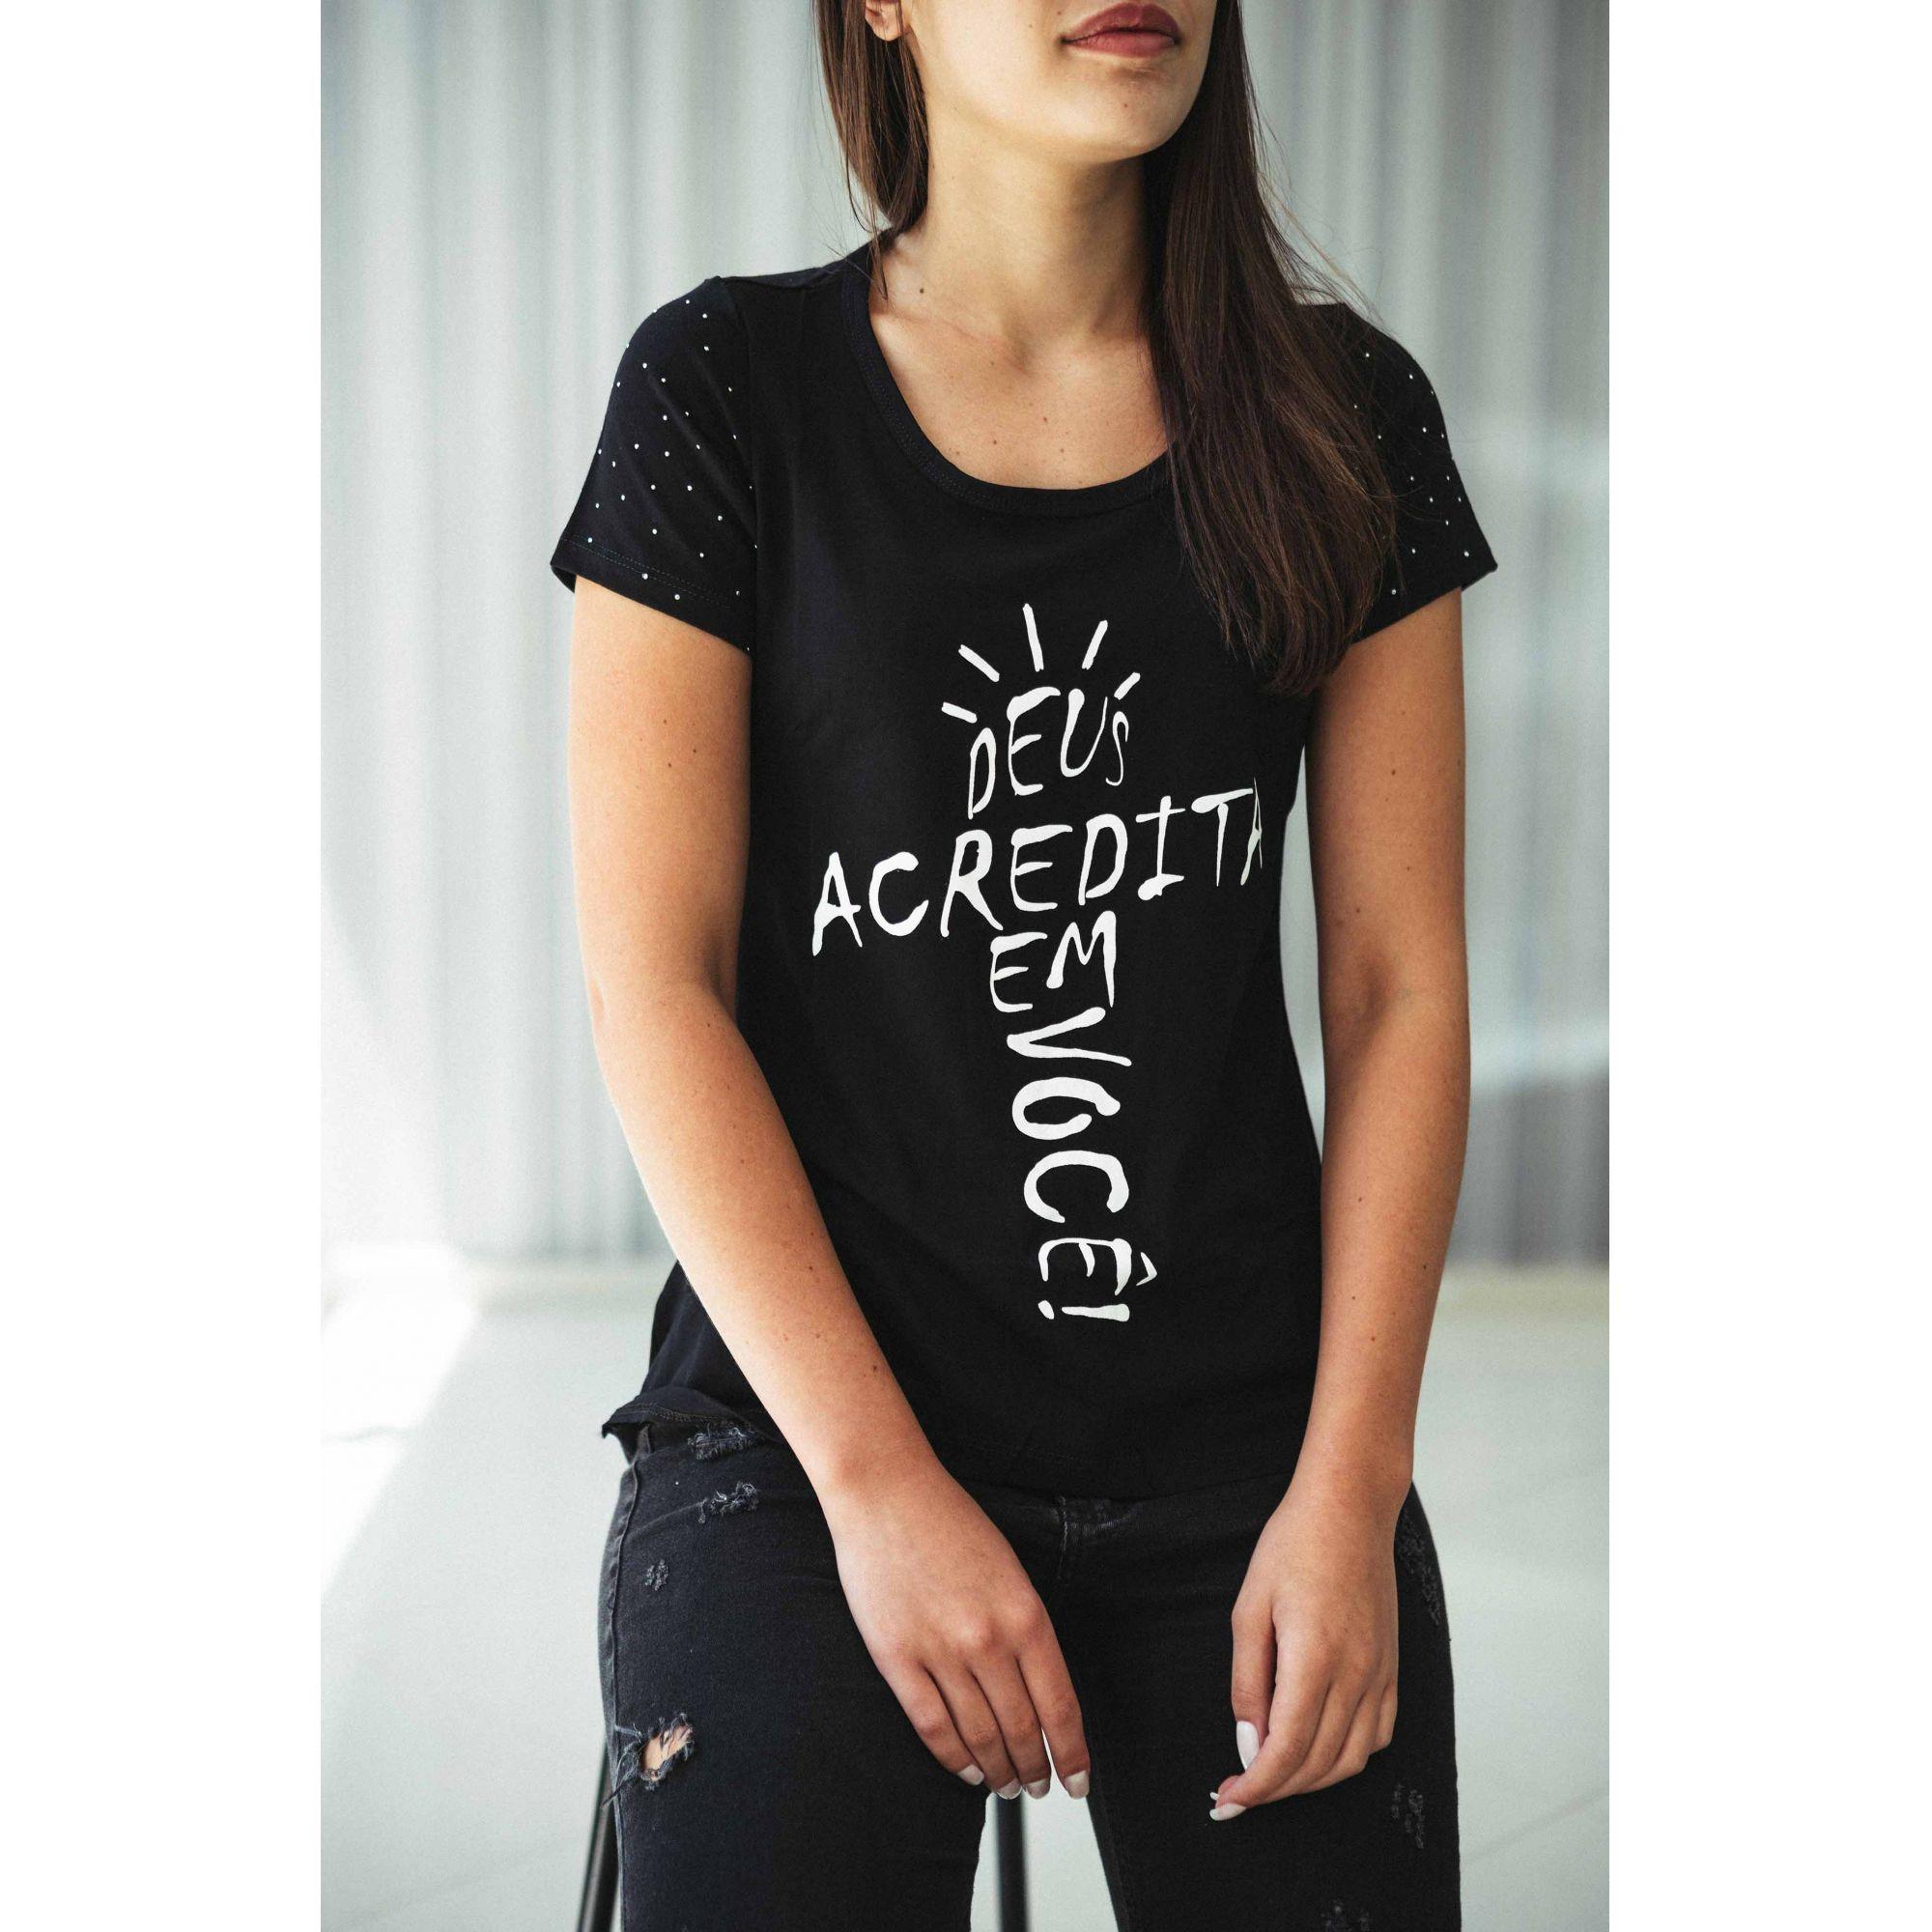 Camiseta Deus acredita em você  - Loja Amo Família